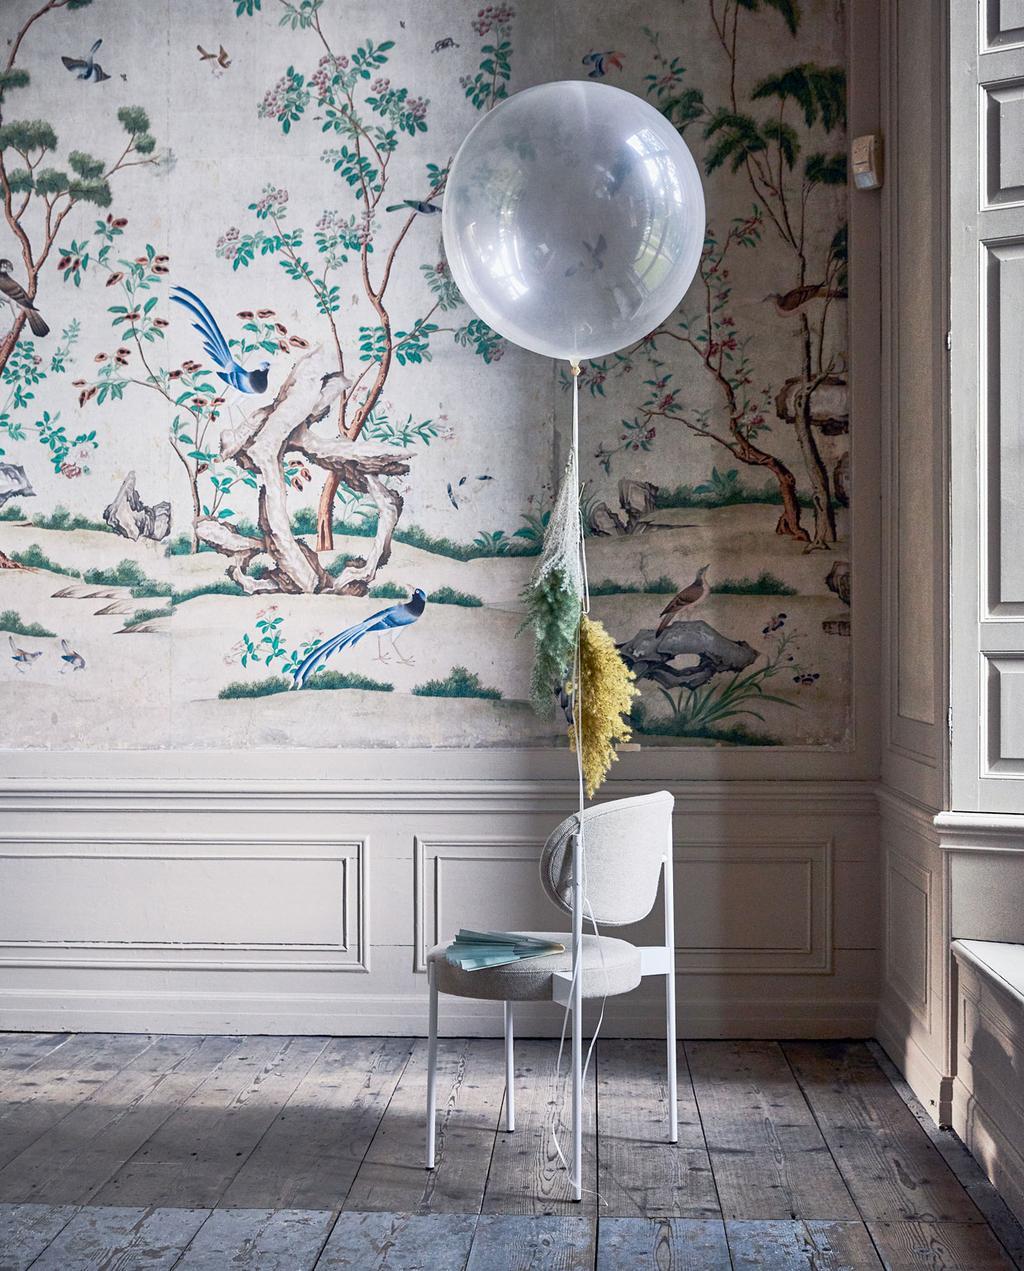 vtwonen | 55 jaar jubileum ballon aan stoel